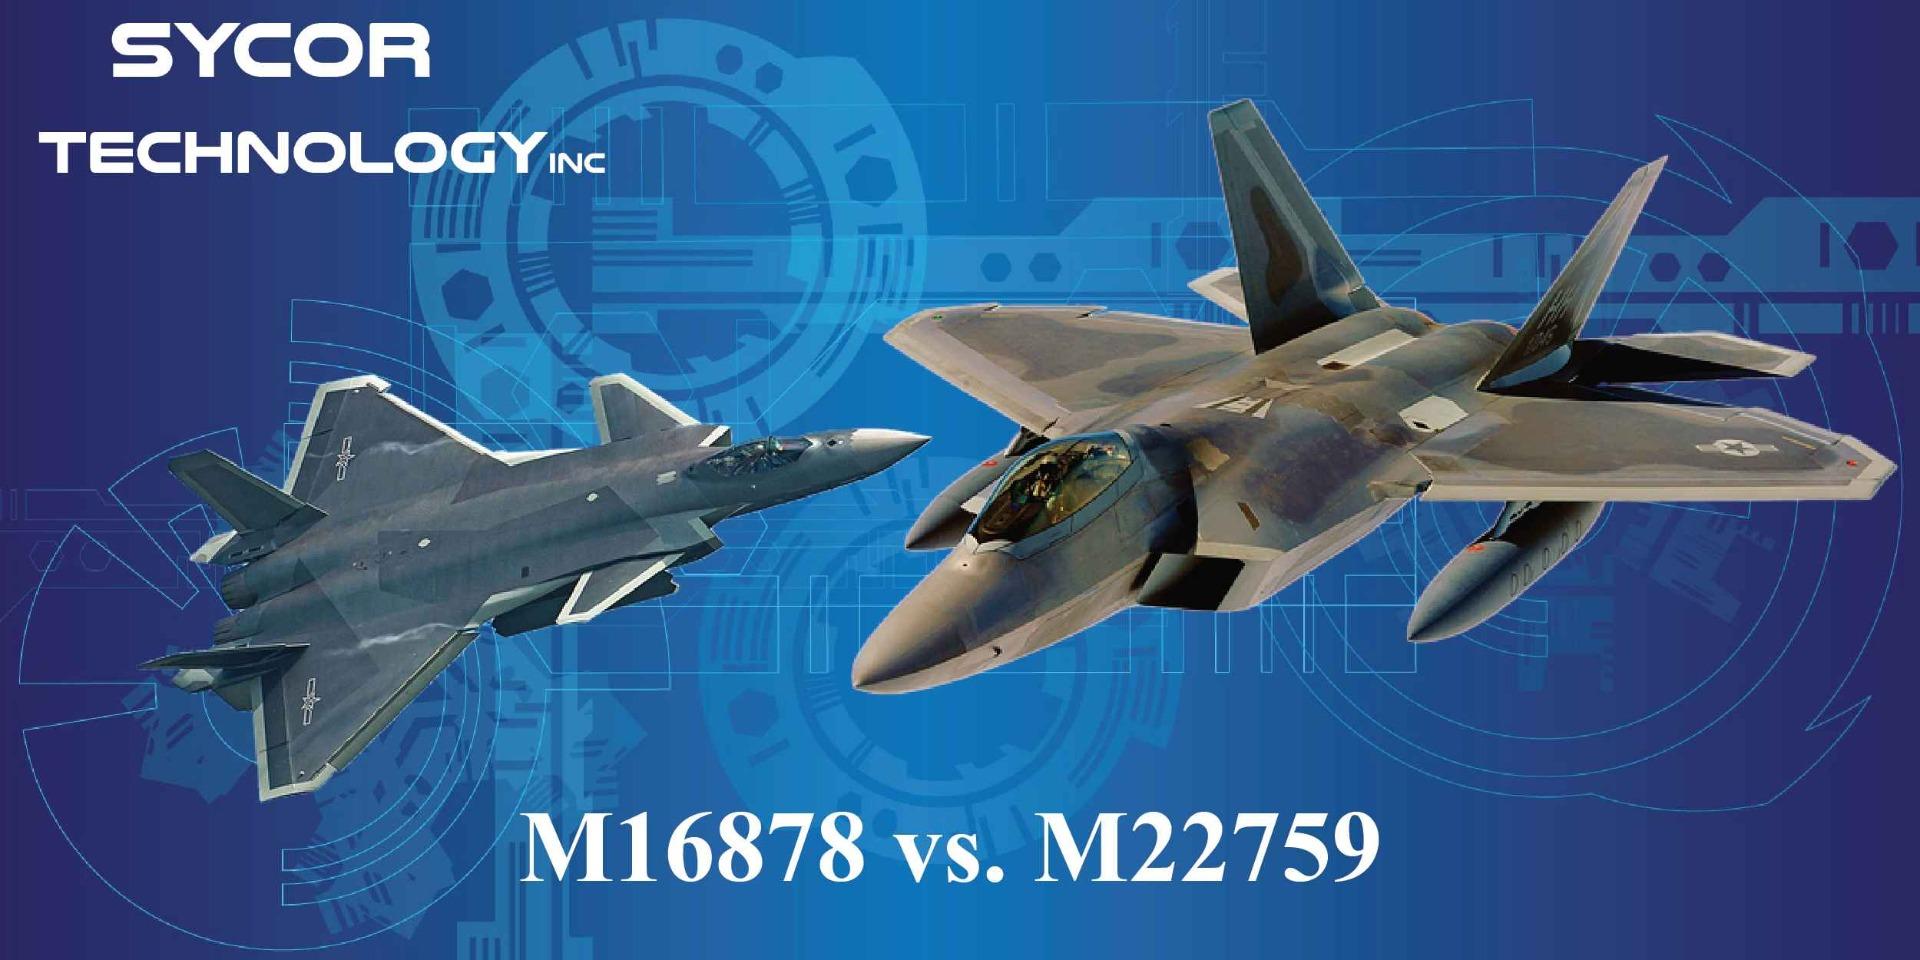 M16878 VS M22759